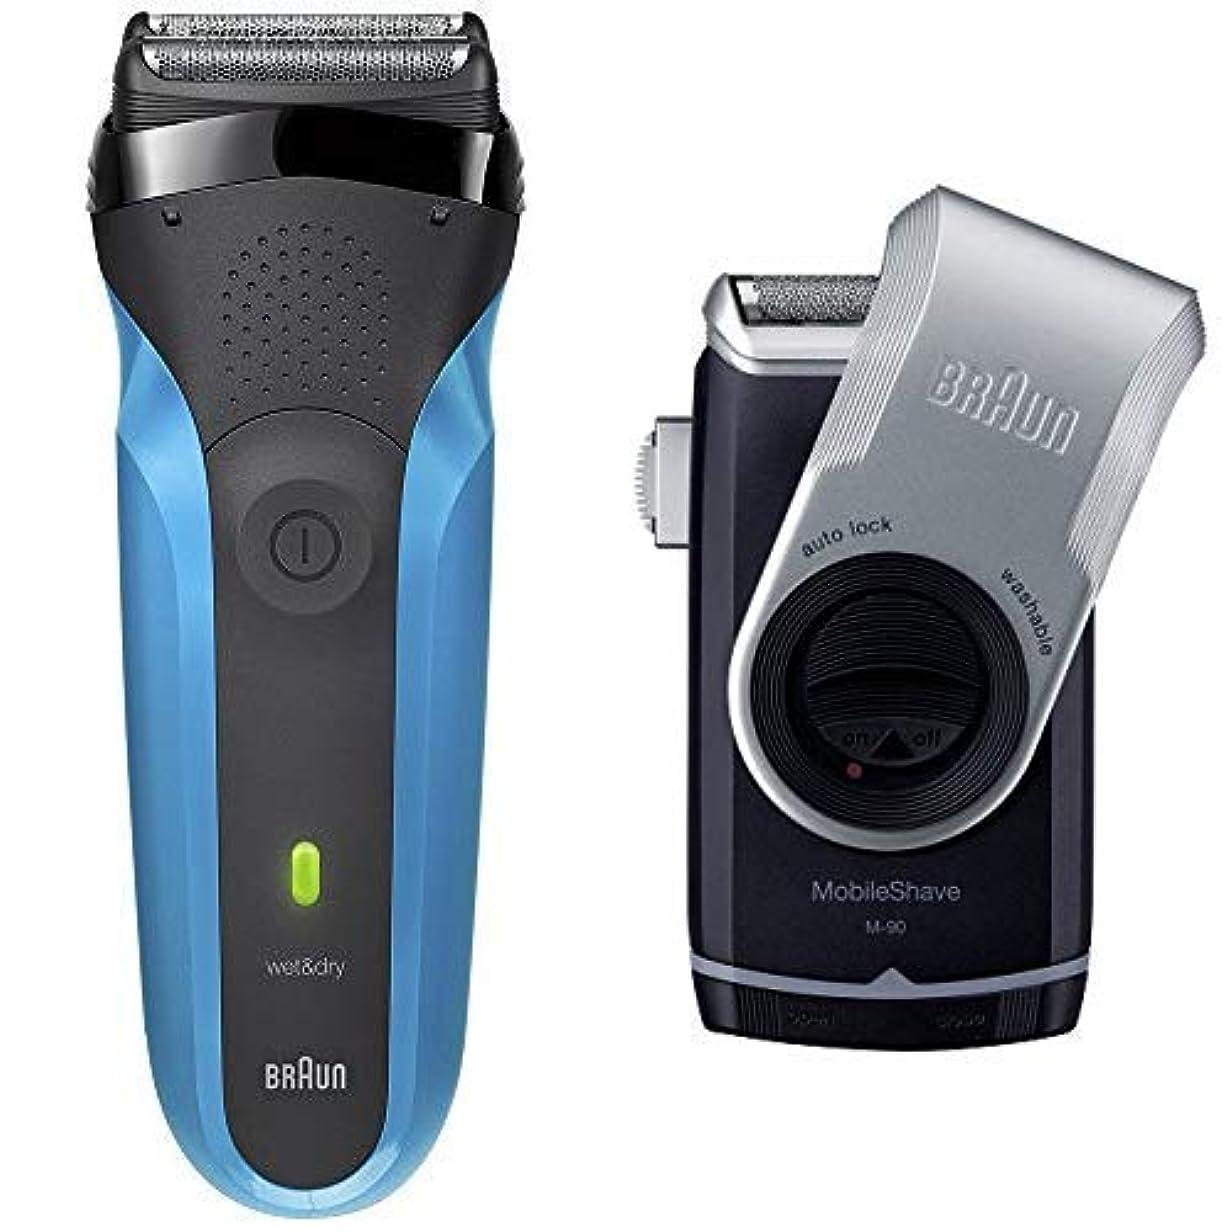 ランダム連鎖どうやらブラウン メンズ電気シェーバー シリーズ3 310s 3枚刃 水洗い/お風呂剃り可 & モバイルメンズ電気シェーバー M-90 水洗い可